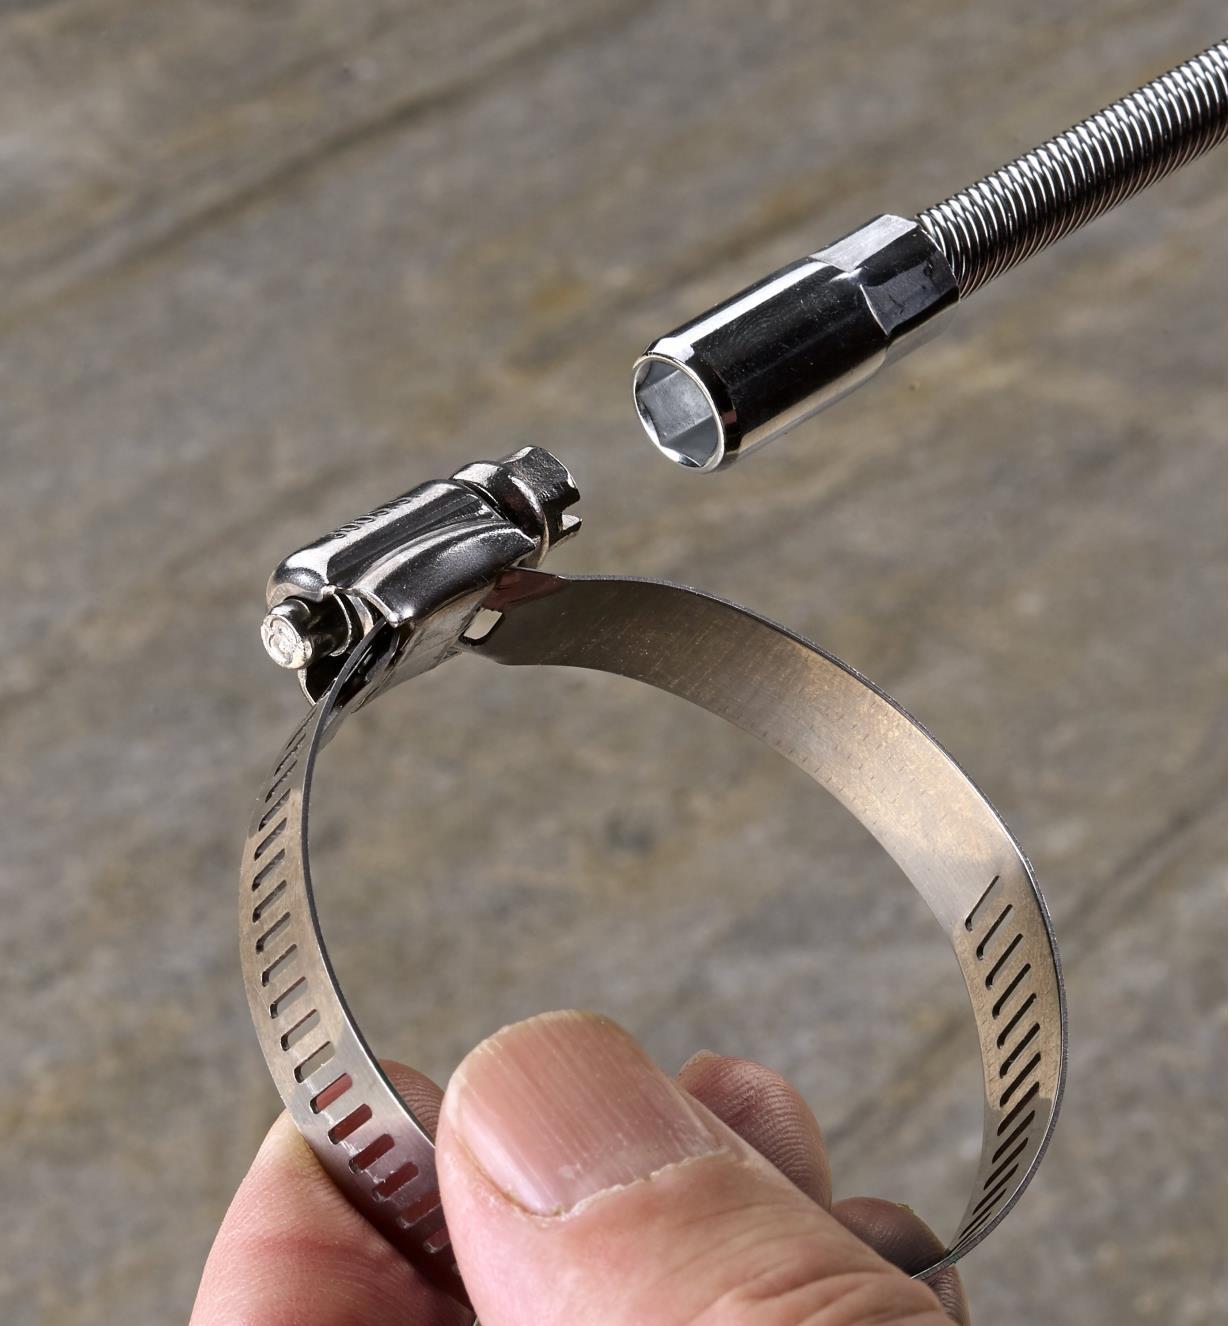 Tourne-écrou servant à ajuster un des colliers de serrage compris